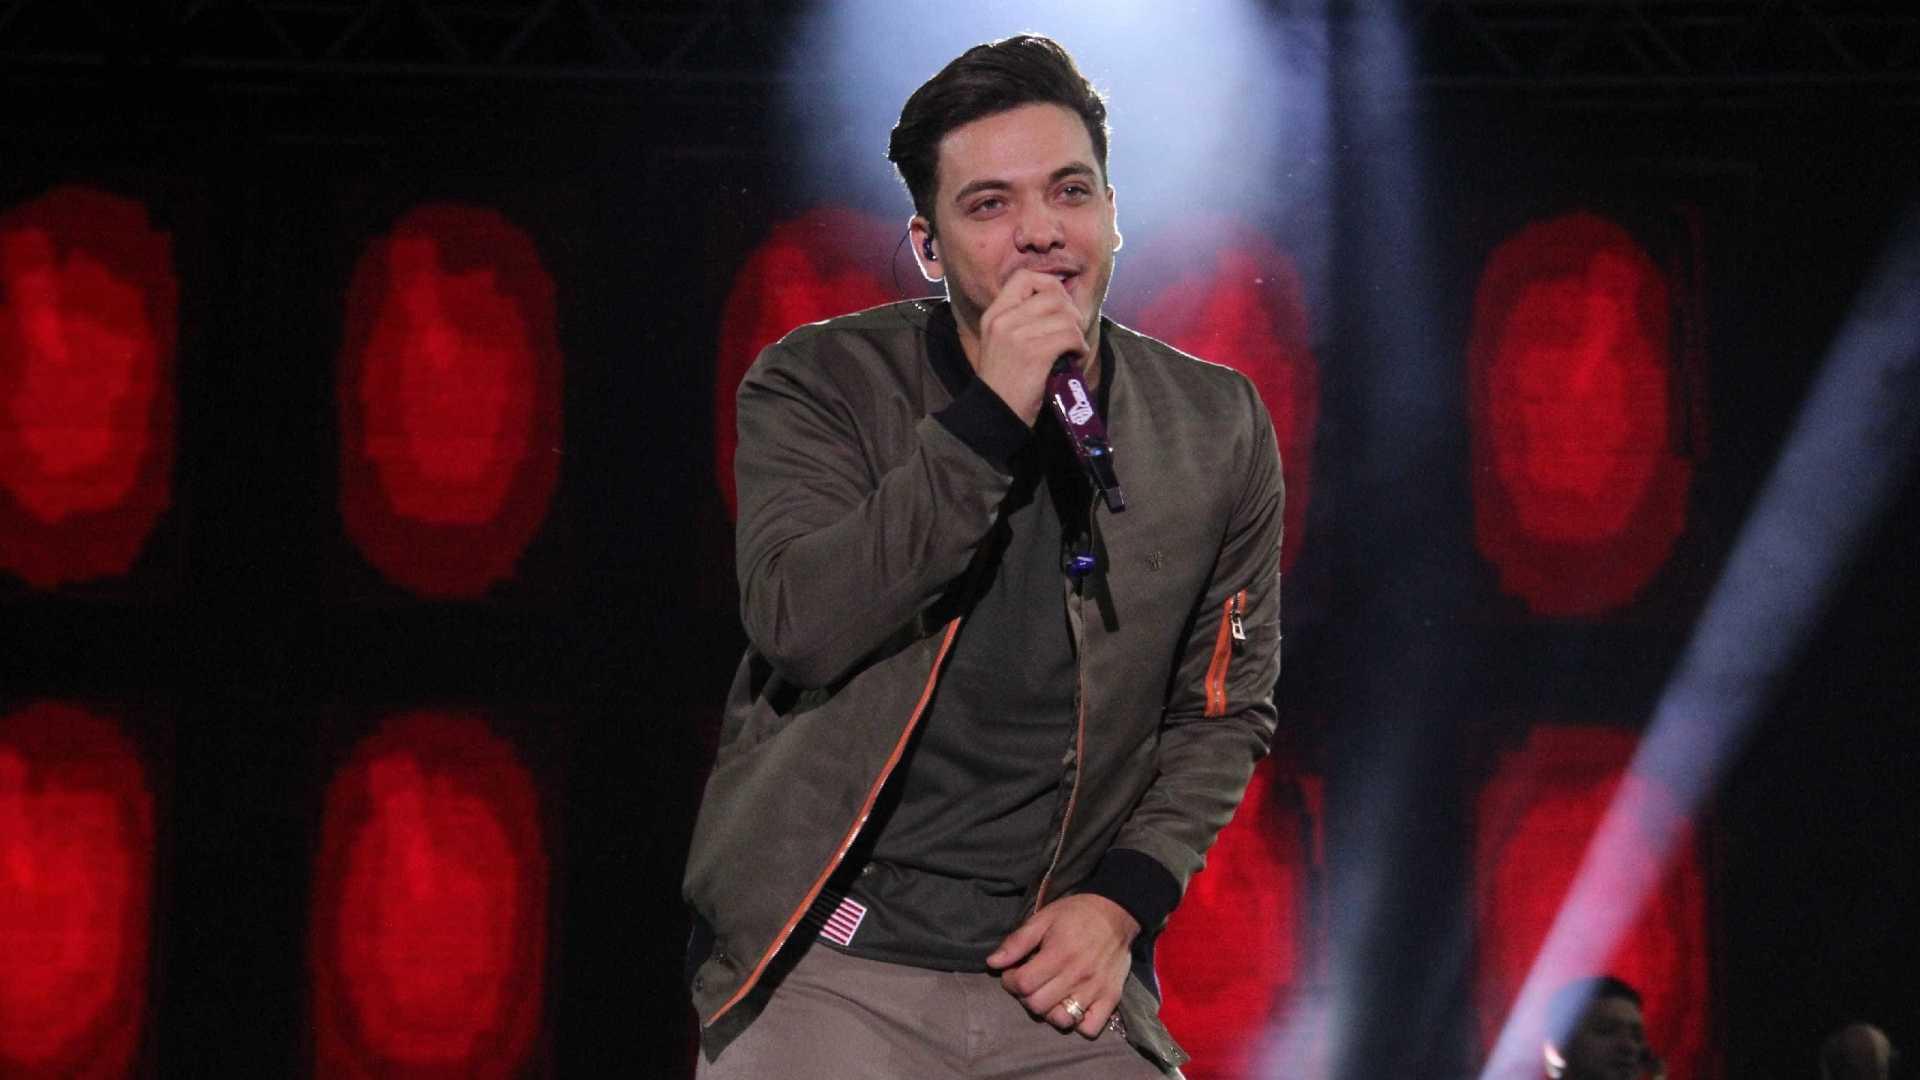 'NÃO SOMOS BICHOS': fãs de Wesley Safadão se irritam com cantor e fazem protesto nas redes sociais